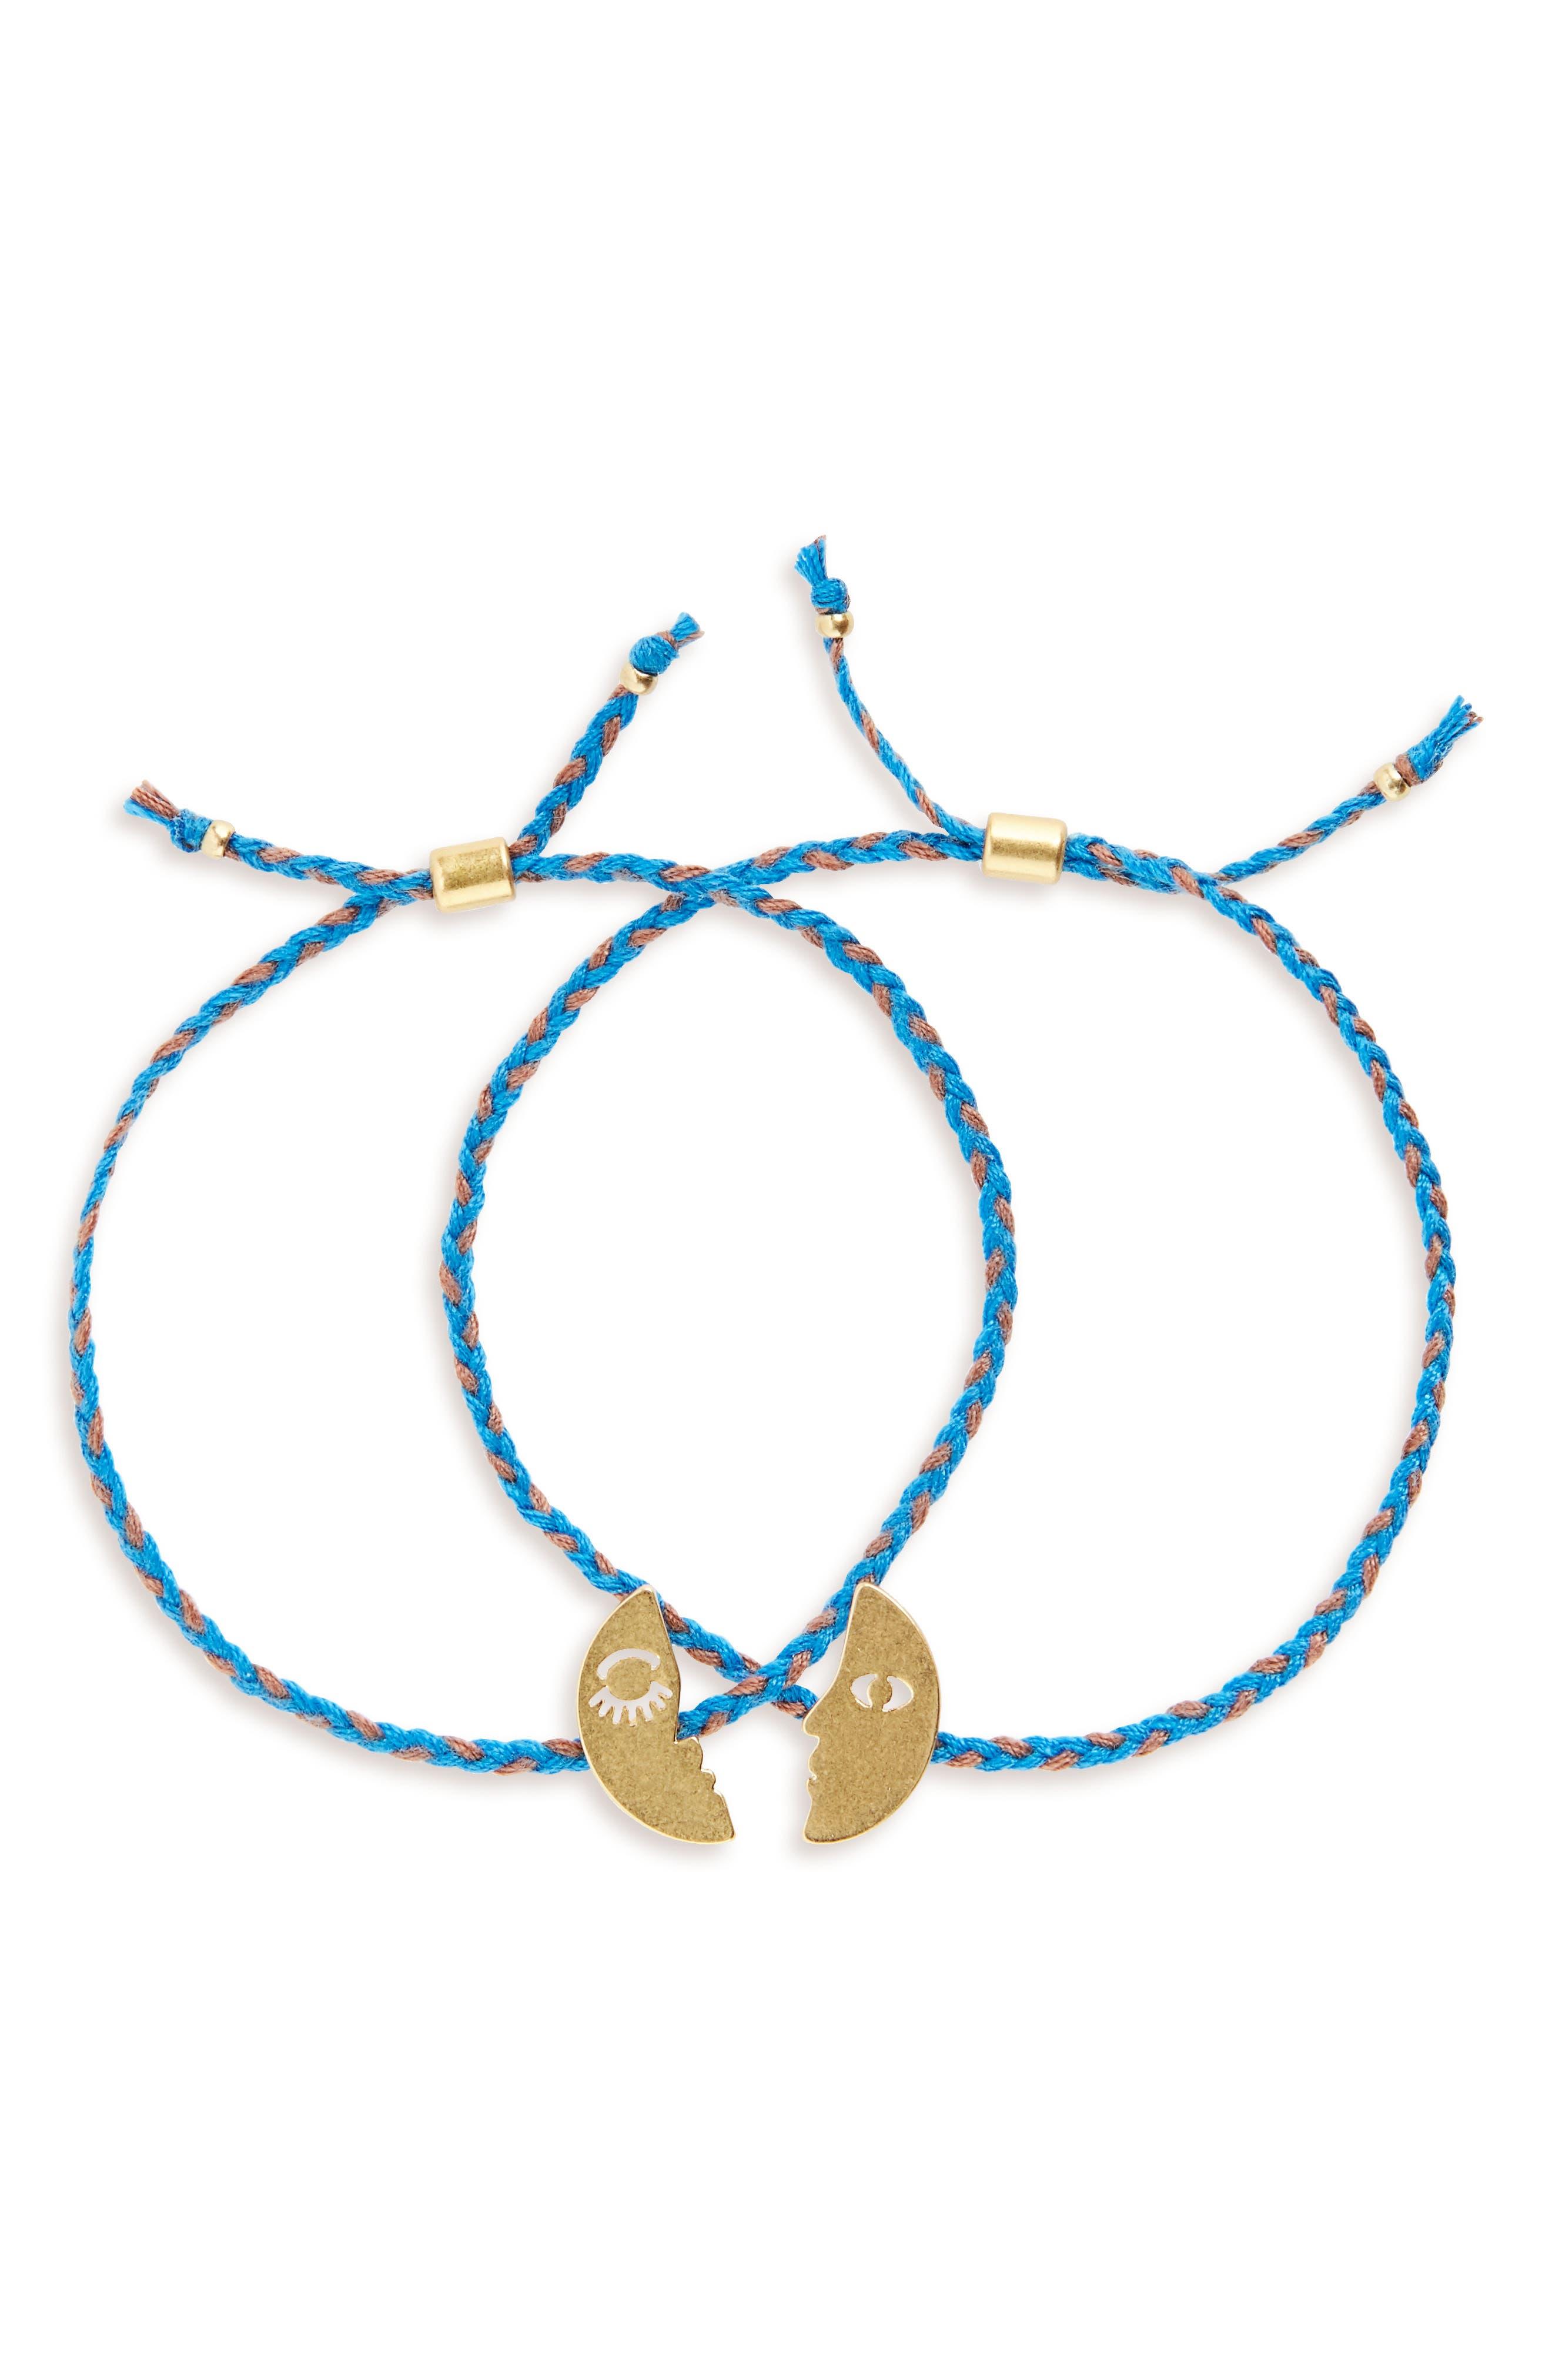 2-Pack Friendship Bracelet,                             Main thumbnail 1, color,                             Faces Set